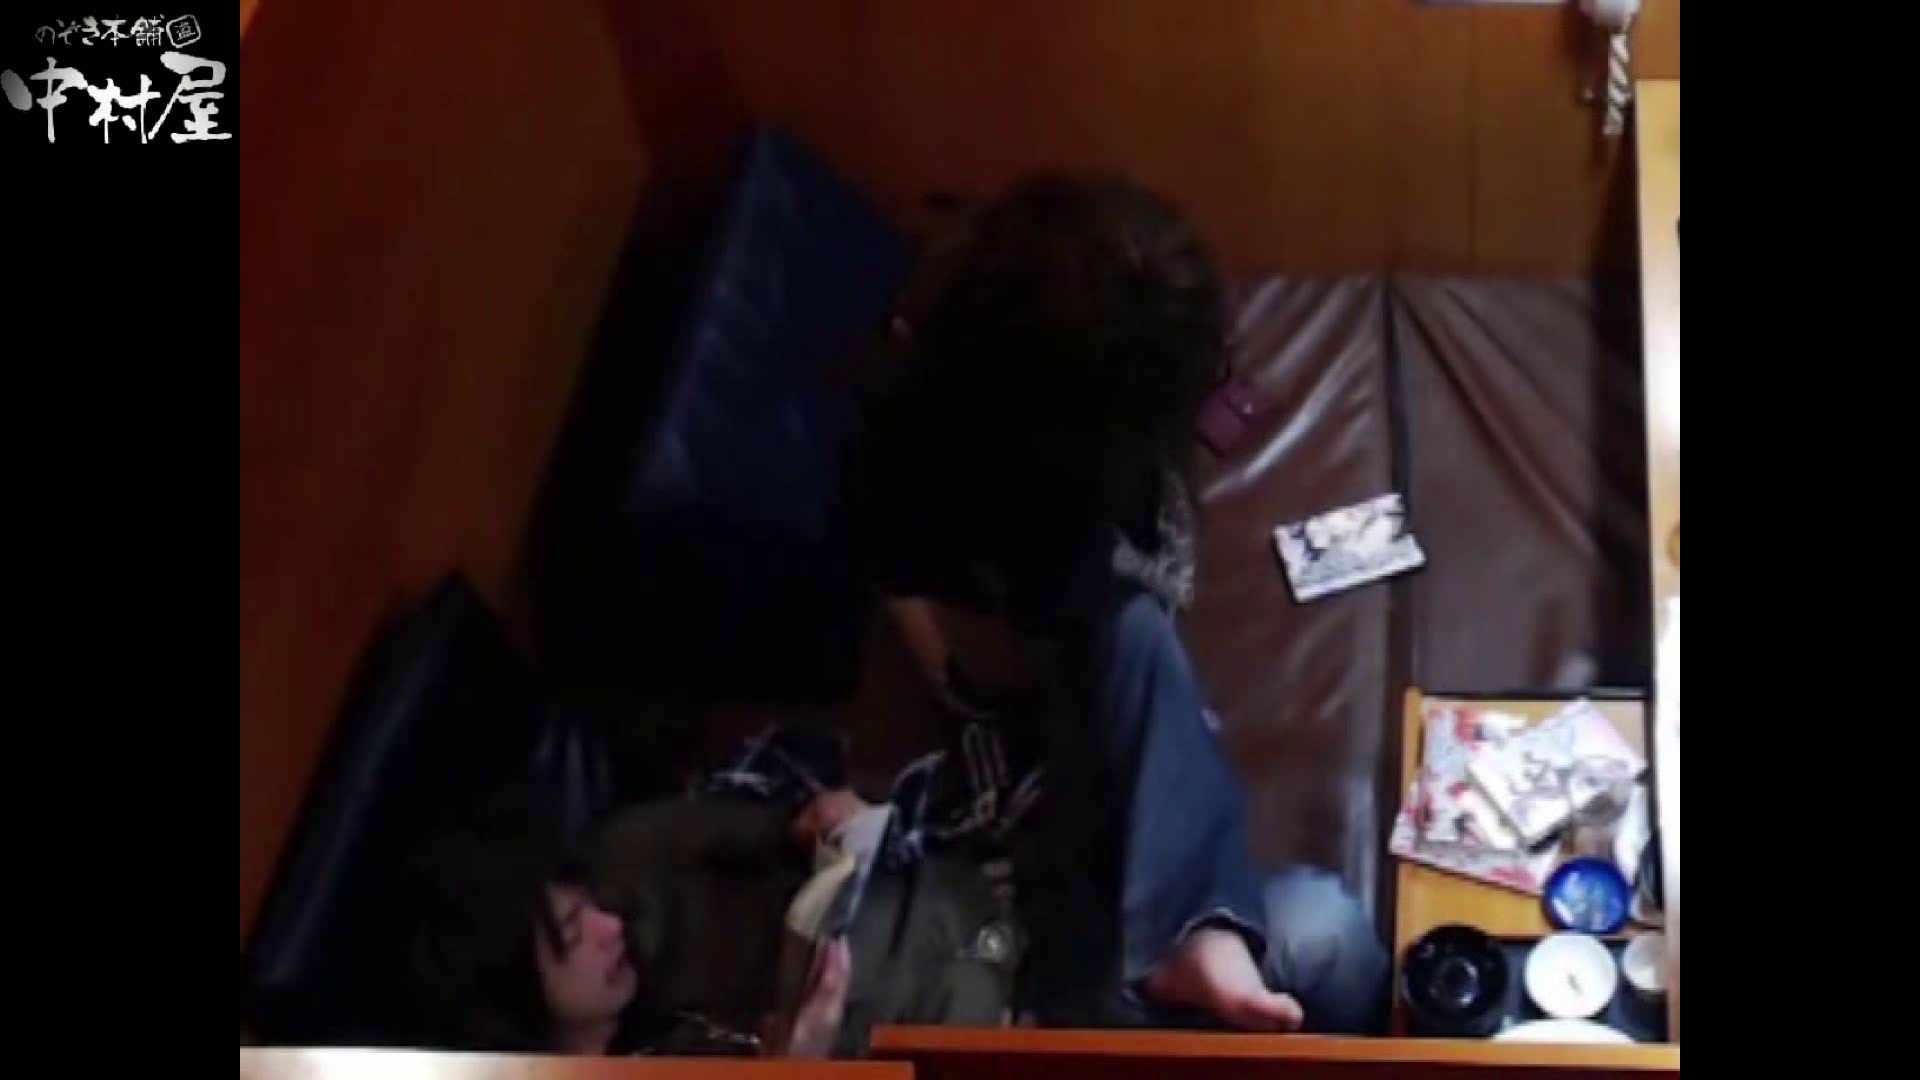 ネットカフェ盗撮師トロントさんの 素人カップル盗撮記vol.4 勃起ちんこ 隠し撮りオマンコ動画紹介 102連発 21